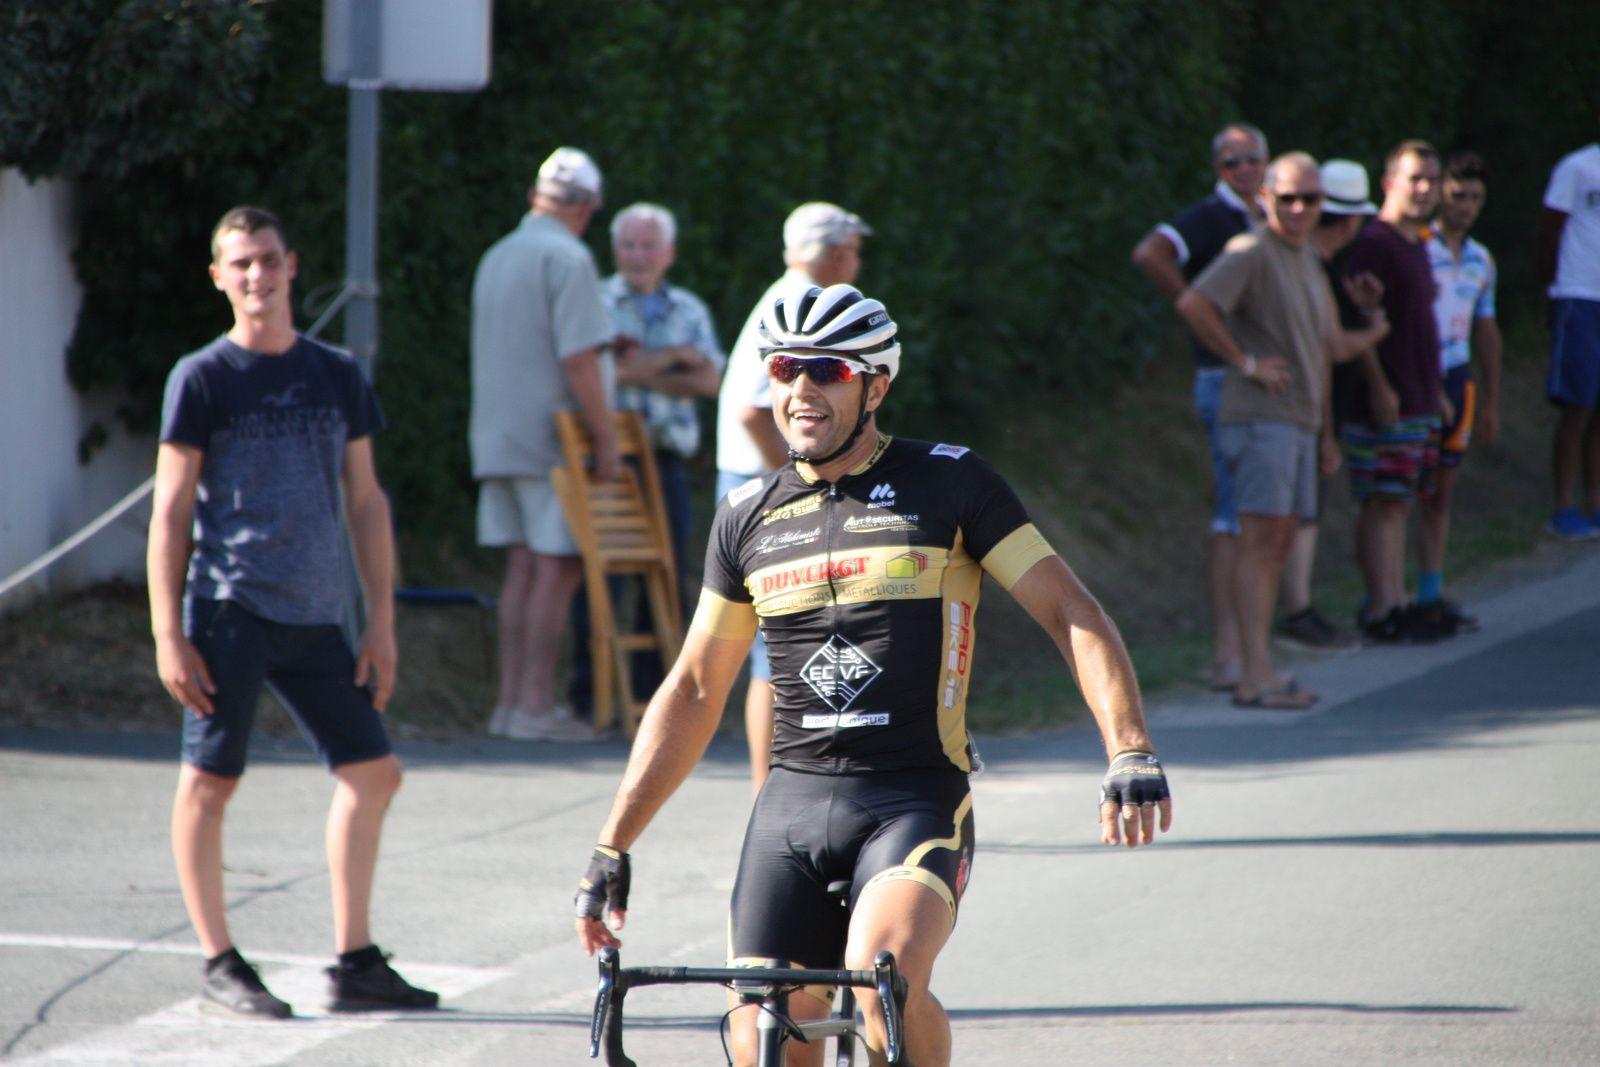 L'arrivée  et  la  victoire  pour  Nicolas  LABUSSIERE